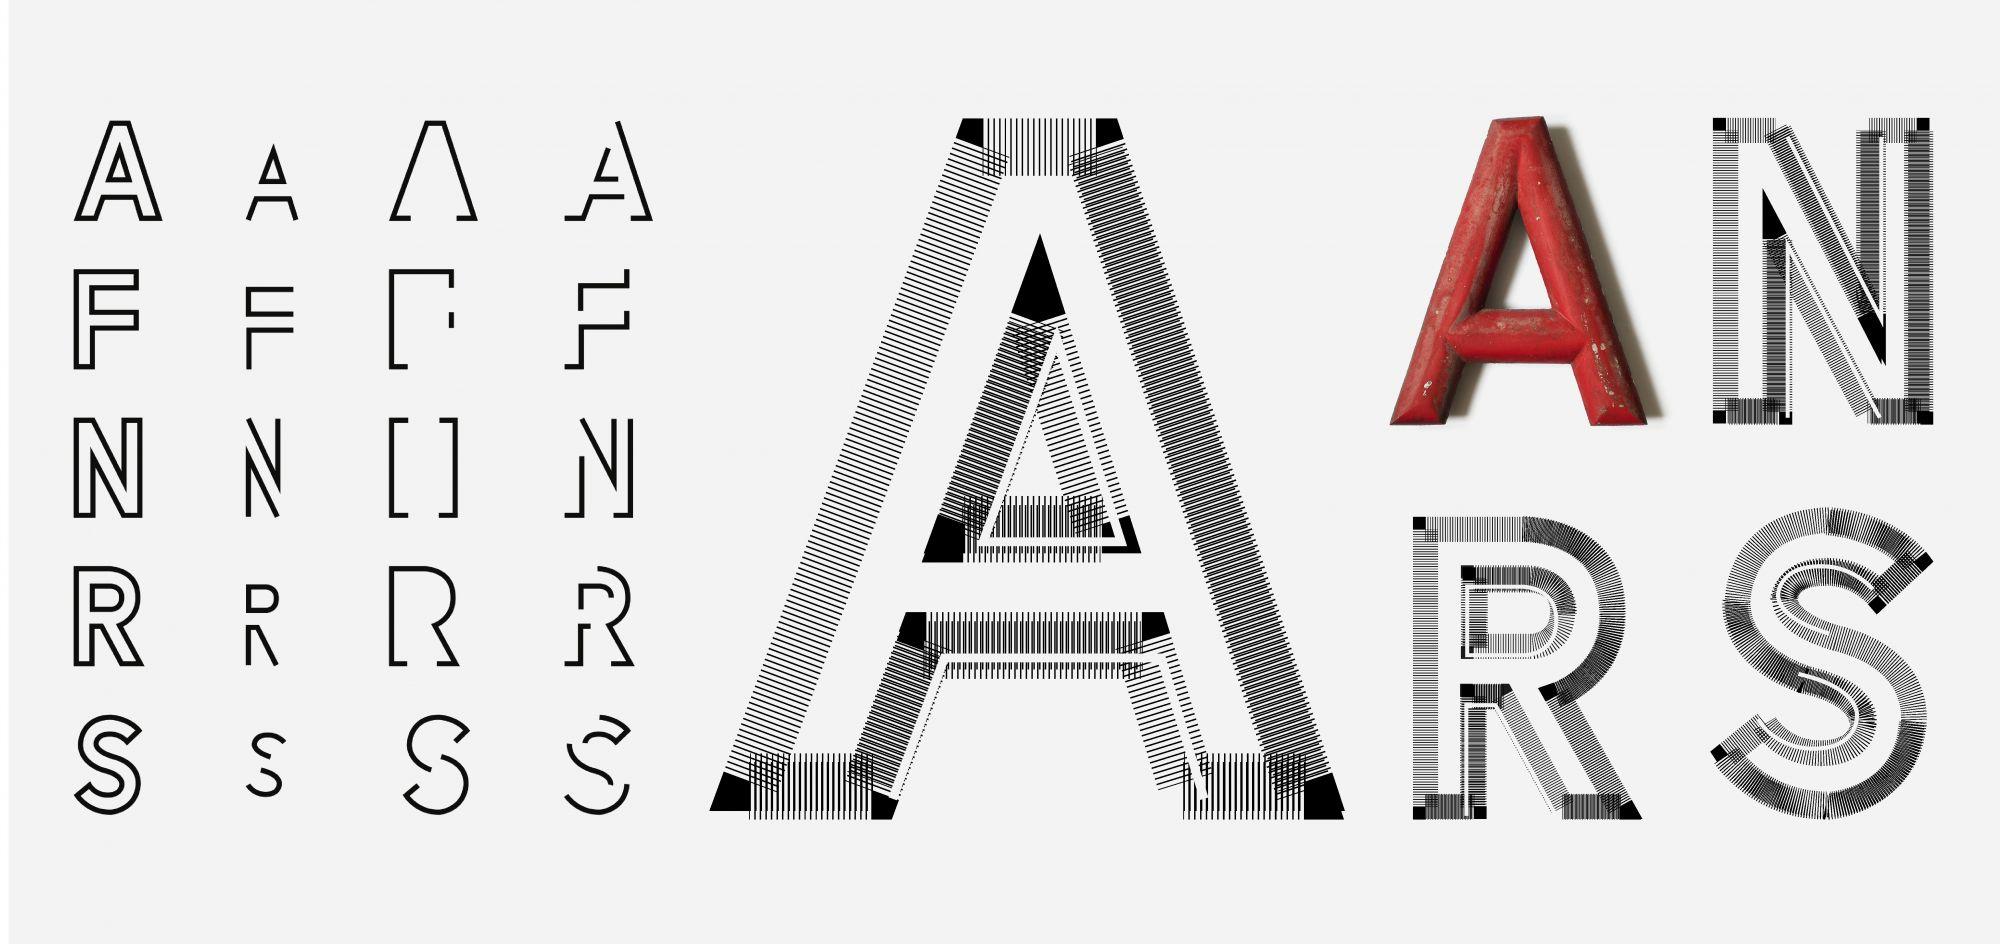 In Wien gibt es einige dieser roten Buchstaben an den Hausfassaden, weil sie meist zur Beschriftung von offiziellen Gebäuden oder Gemeindebauten verwendet werden. In meiner Familie besitzt jeder so einen Buchstaben, passend zum Namen. Alix Stria – Striae